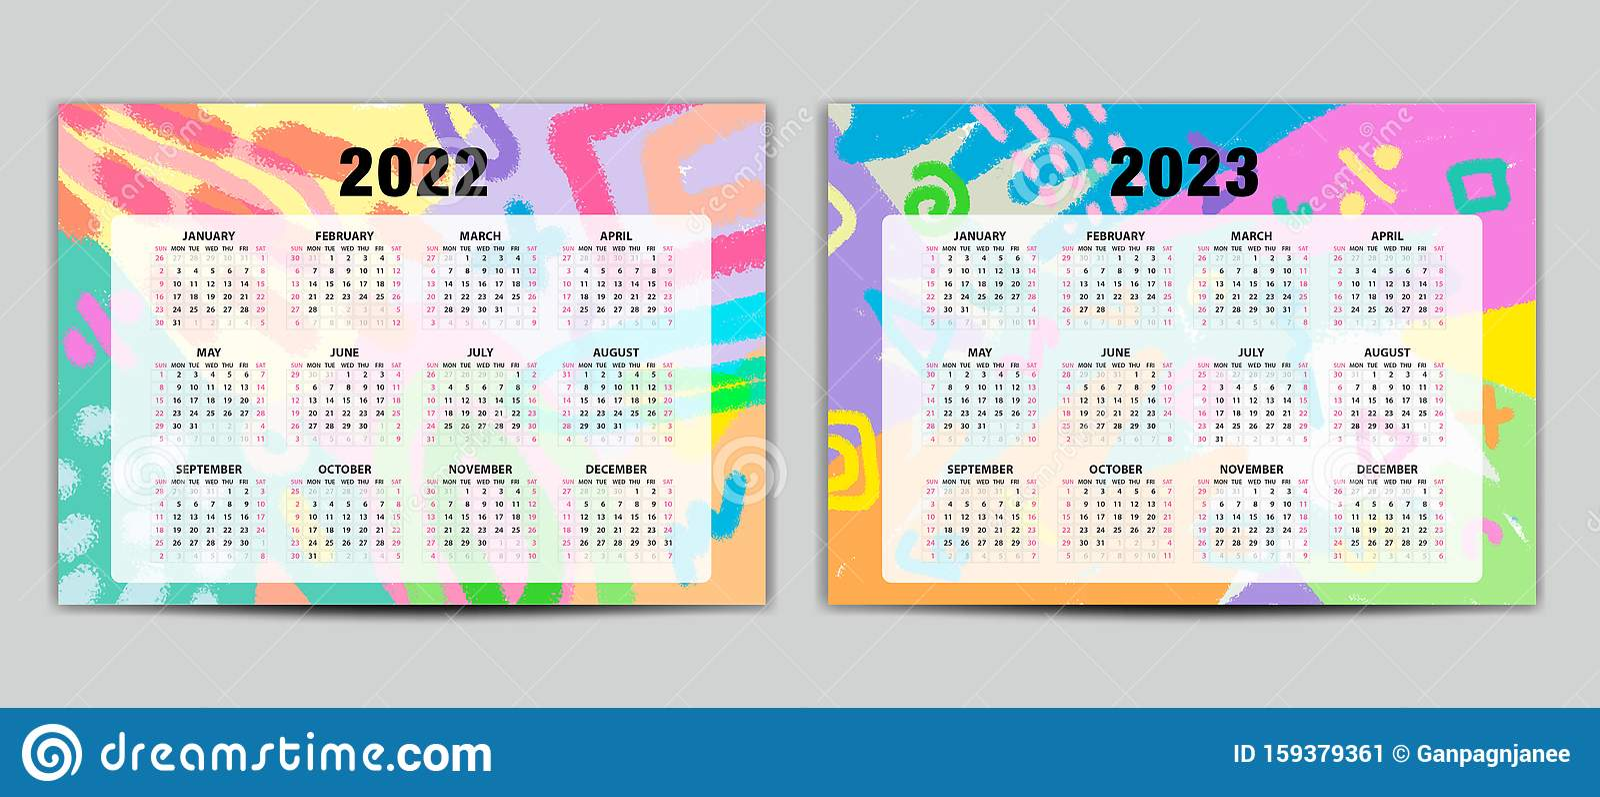 Calendrier 2022 2023 Cycle 2 Calendrier 2022 2023 Modèle Vectoriel, Calendrier De Lettres